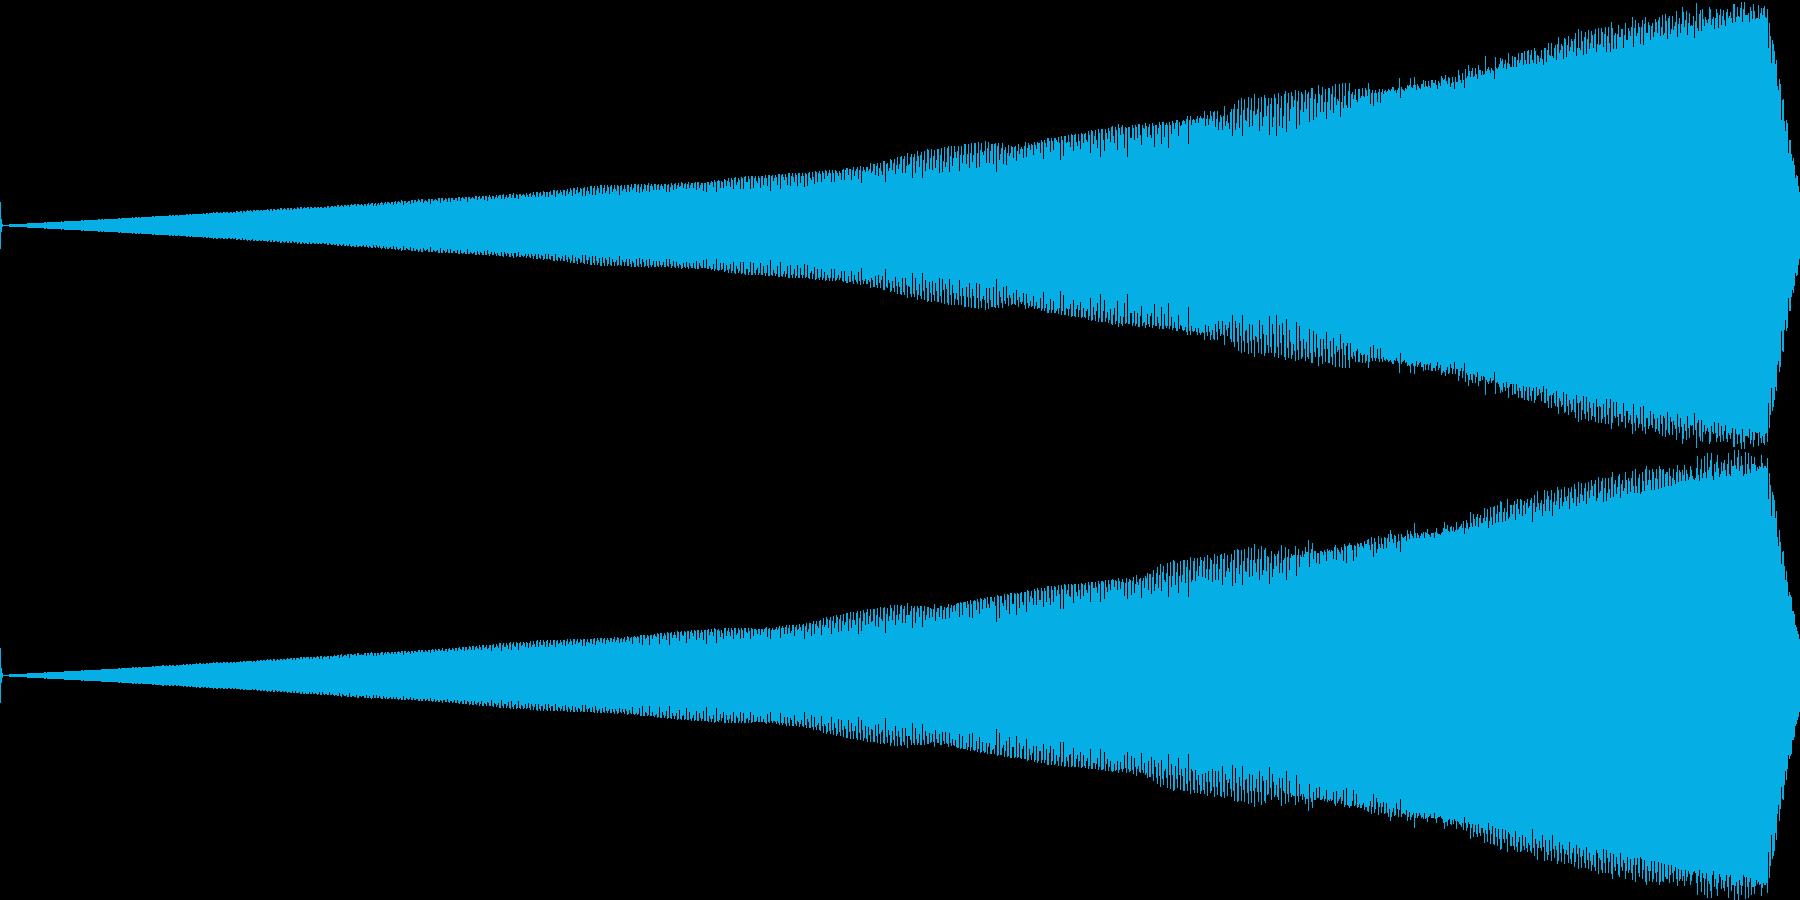 ノイジーな迫ってくる音の再生済みの波形